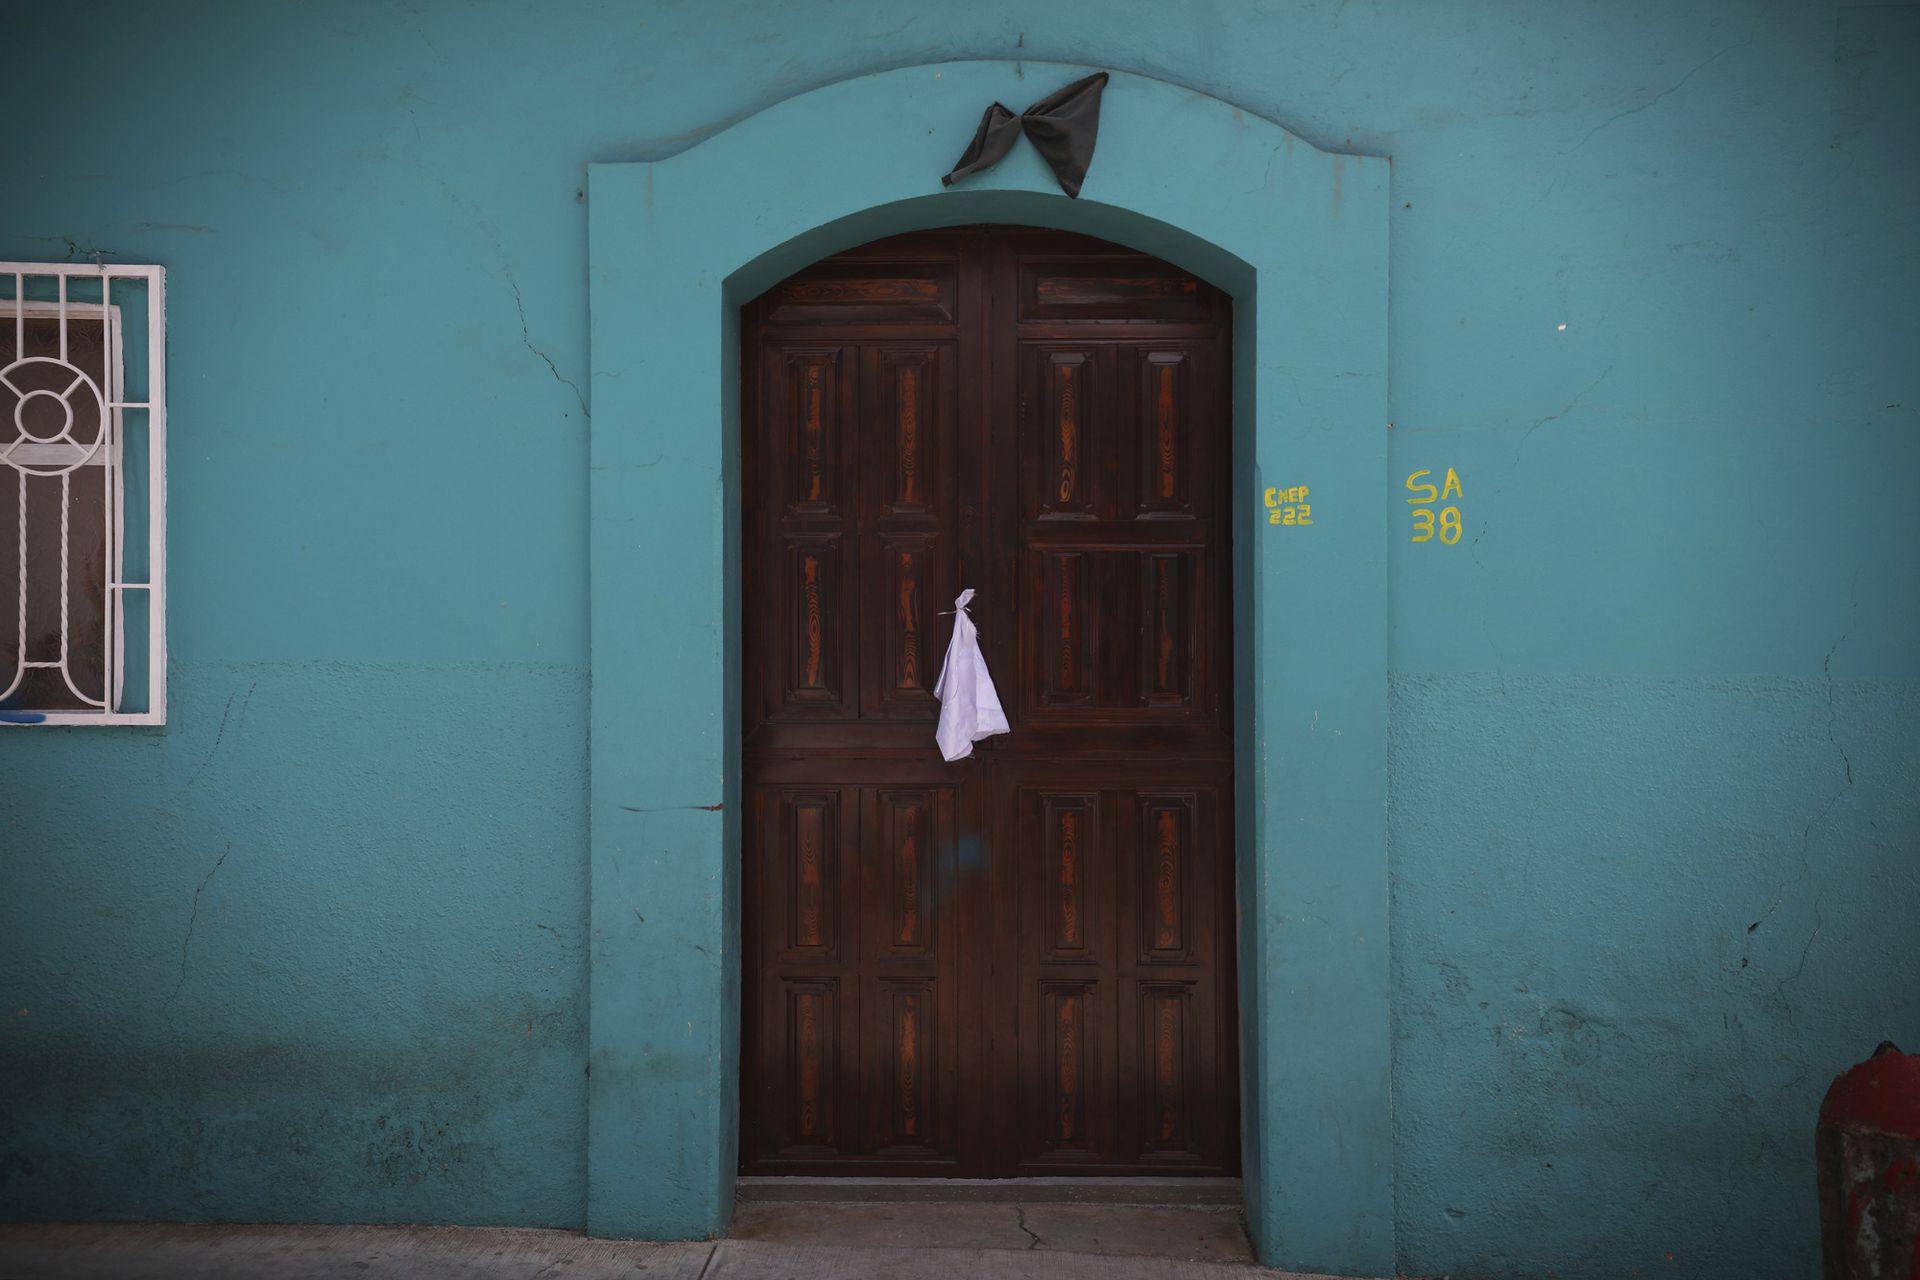 Un pañuelo blanco está atado a la manija de la puerta y un banderín negro en el marco de la puerta de una casa en la ciudad de Pantelho